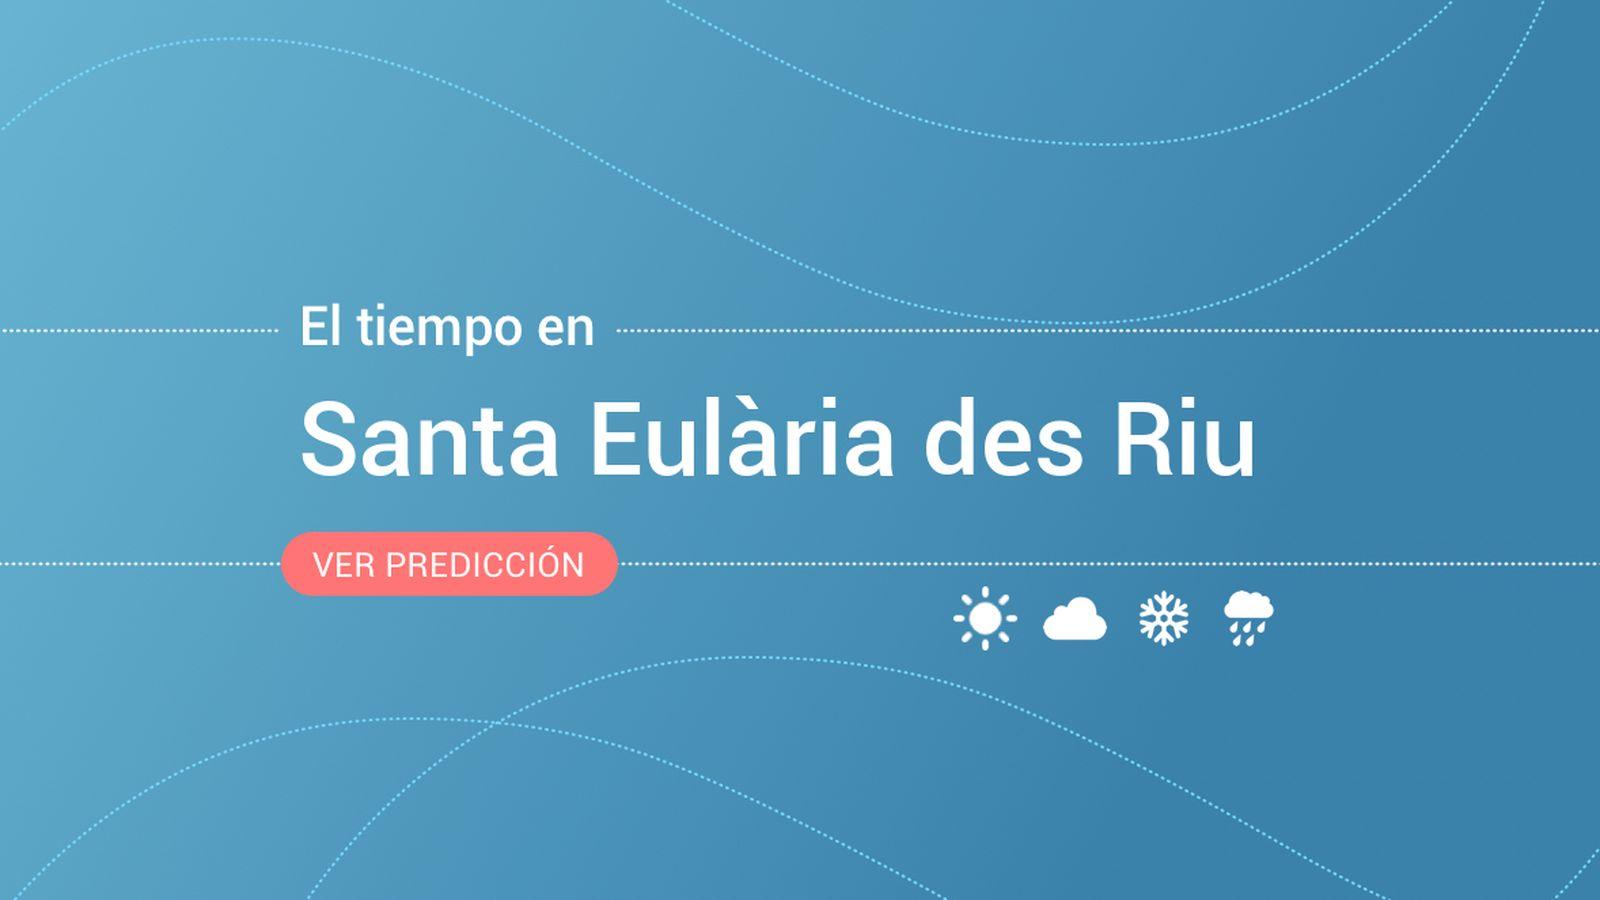 Foto: El tiempo en Santa Eulària des Riu. (EC)